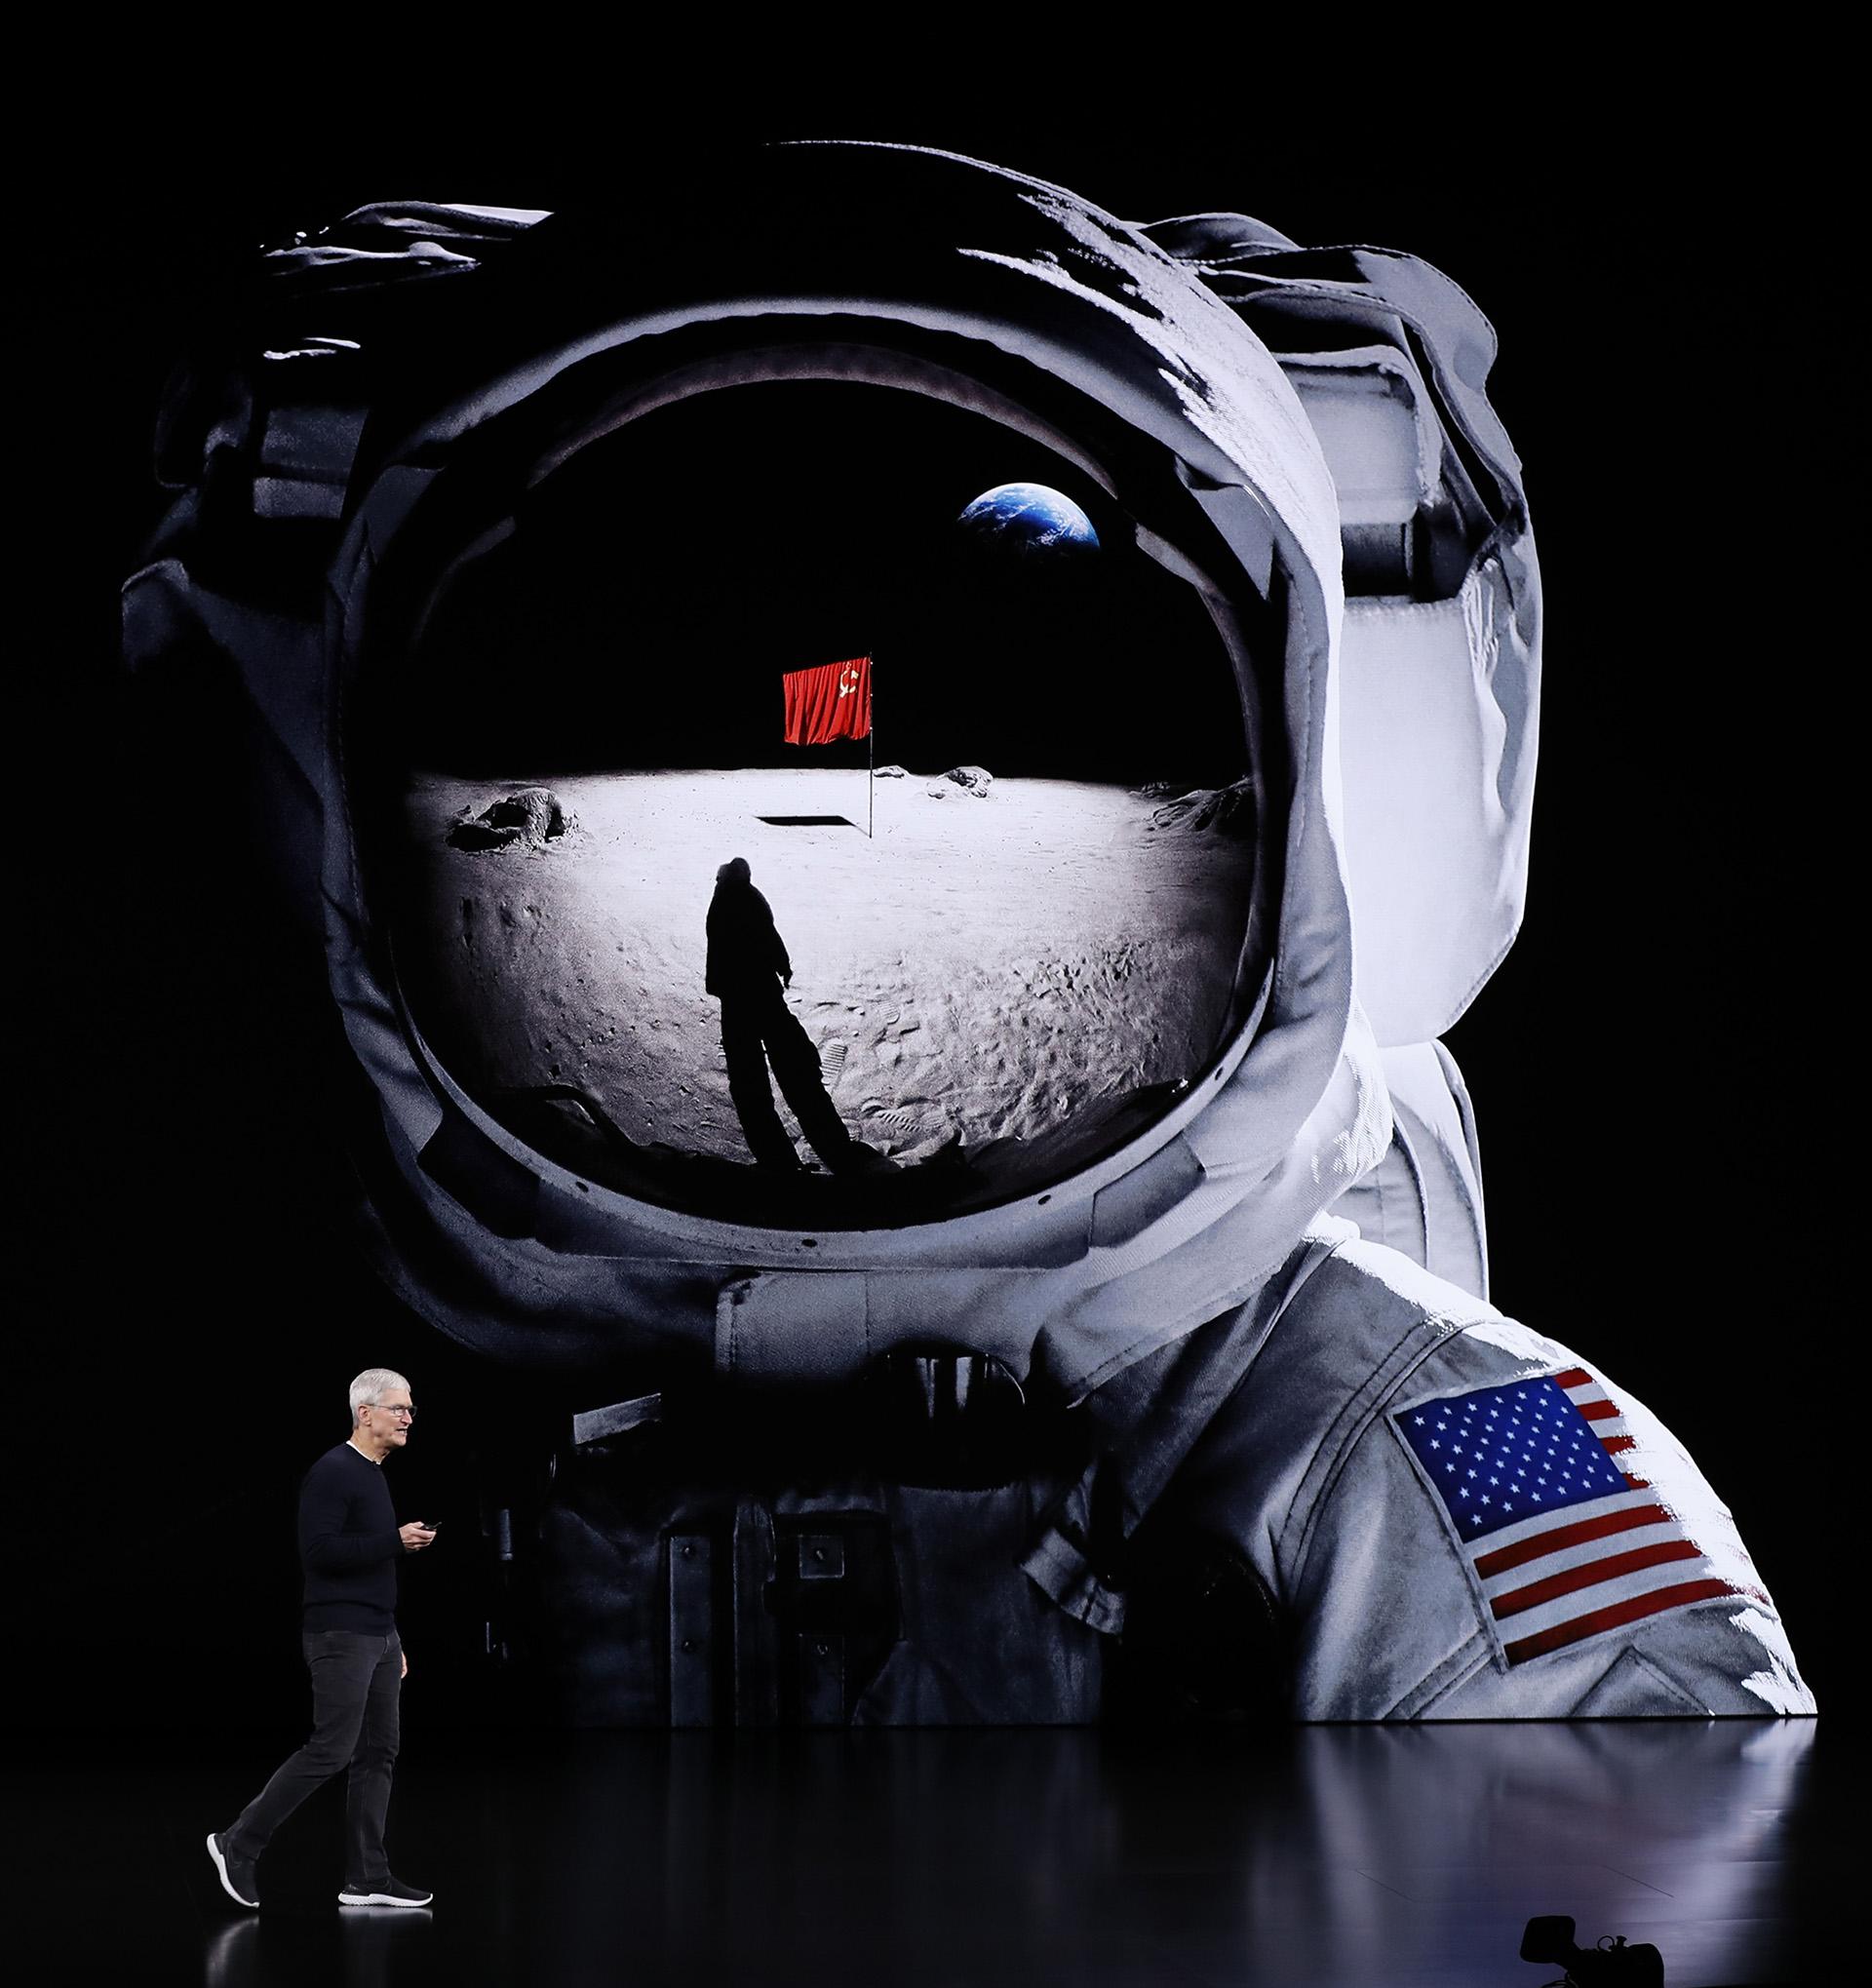 Apple promocionó controlar tanto el hardware como software, lo que resultó en productos con precios más altos en el tramo premium, que capturaron la mayor parte de las ganancias del negocio de teléfonos inteligentes (REUTERS/Stephen Lam)